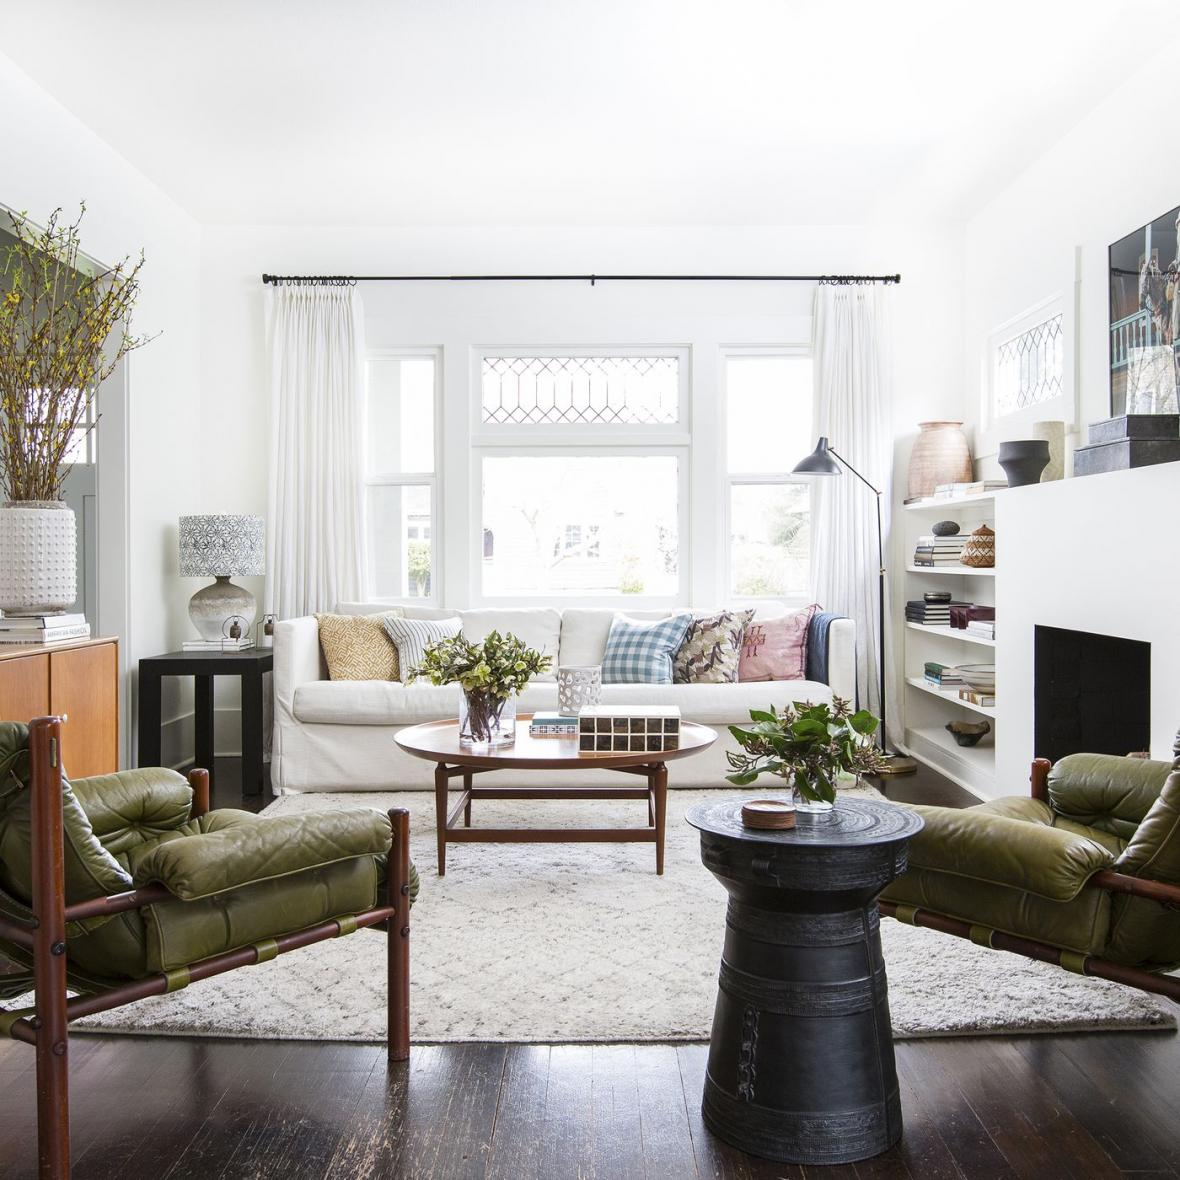 بهره بردن از طراحی داخلی برای بازسازی منزل